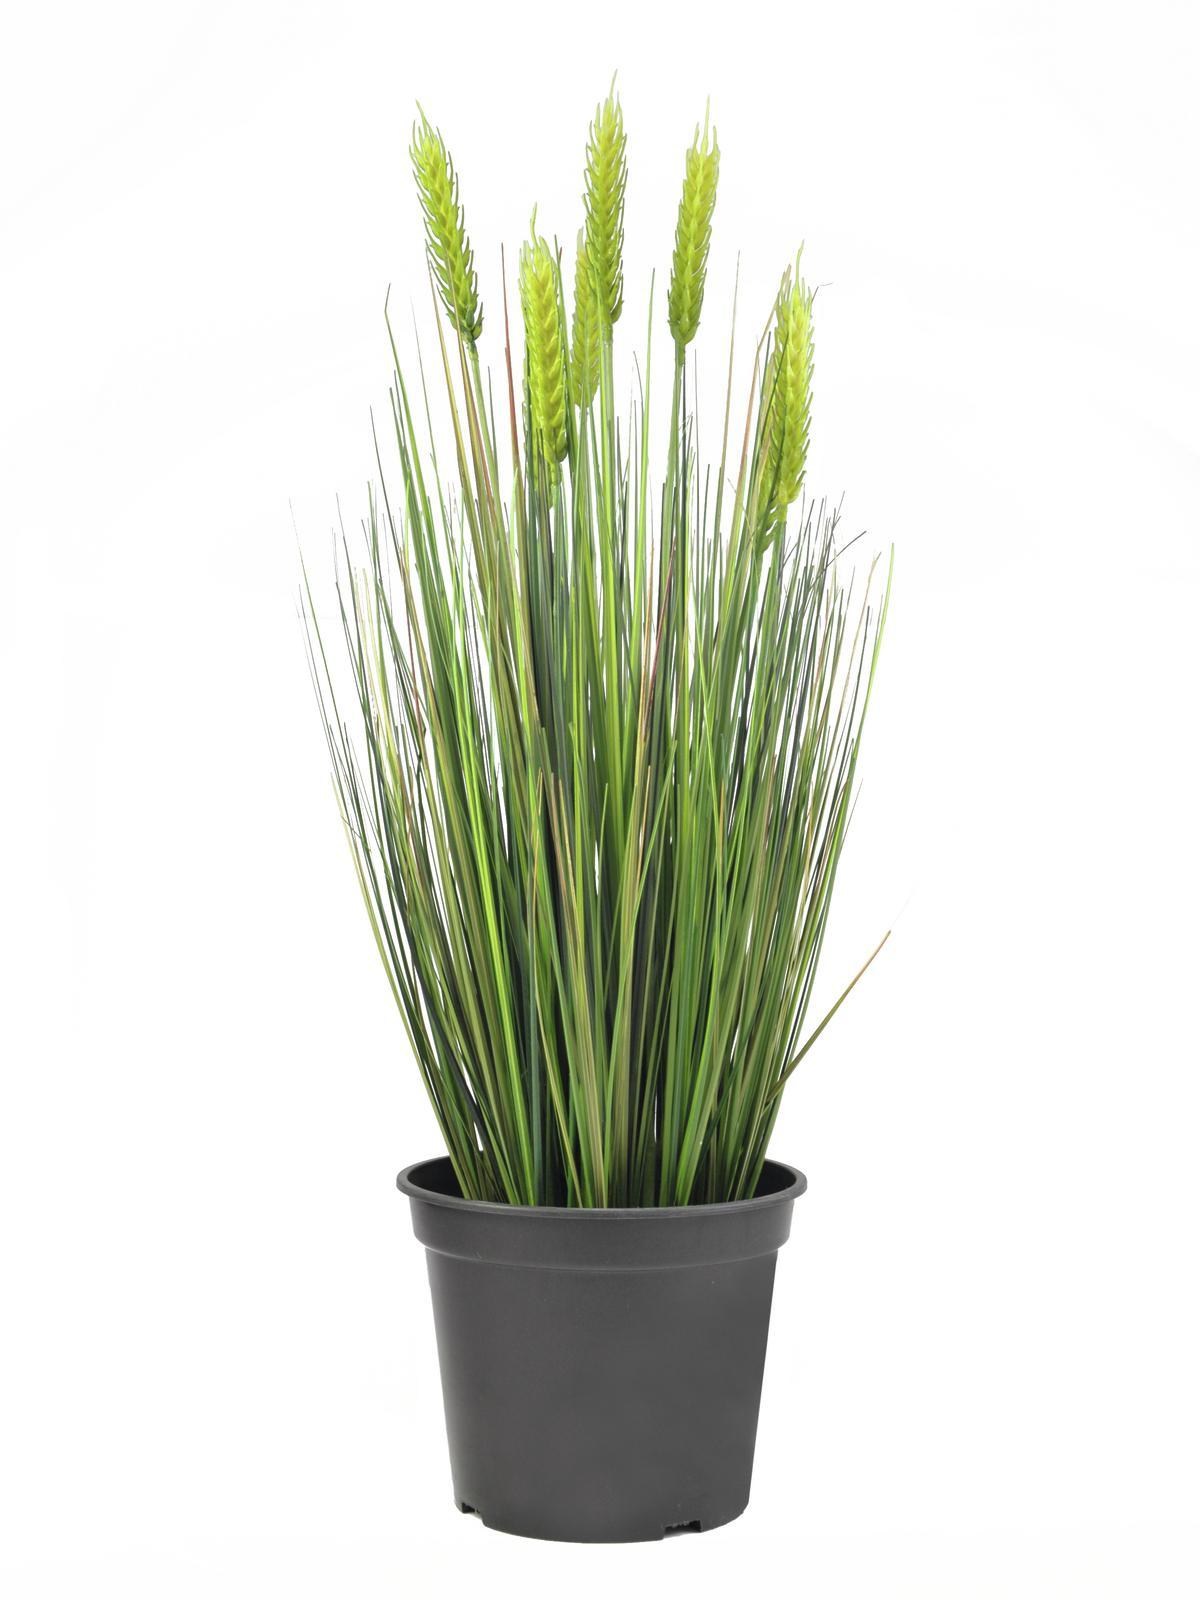 Pšenice zelená v květináči, 60 cm